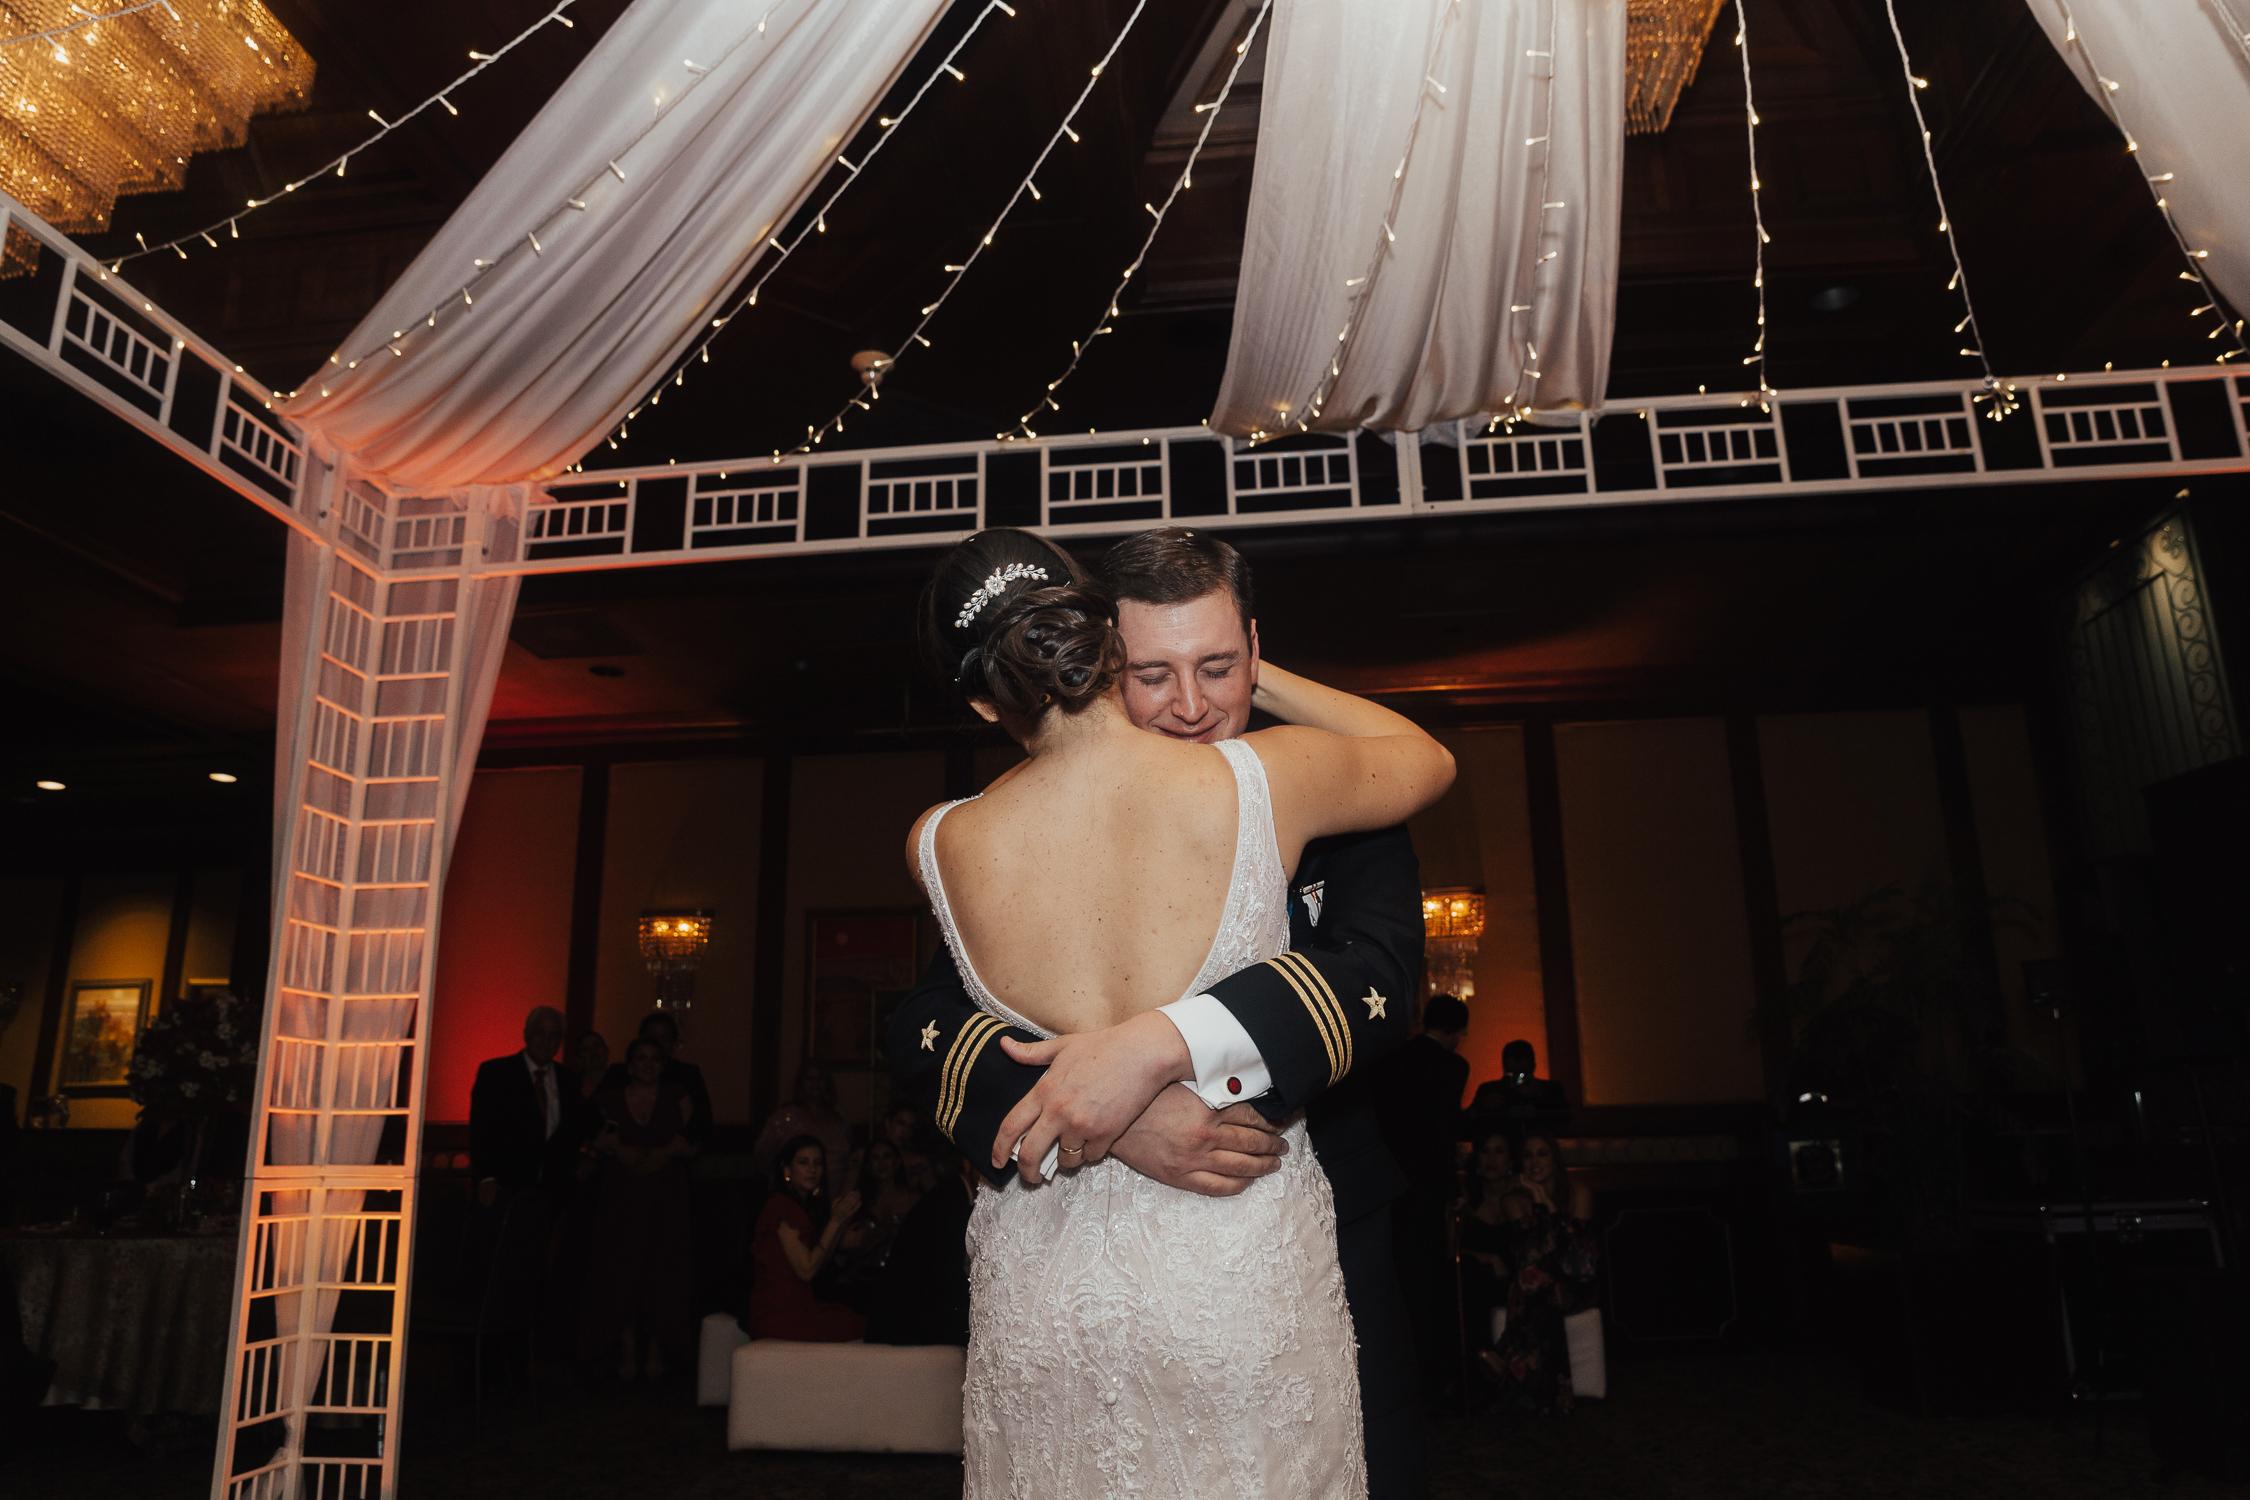 Michelle-Agurto-Fotografia-Bodas-Ecuador-Destination-Wedding-Photographer-Ecuador-Mercedes-Alvaro-178.JPG